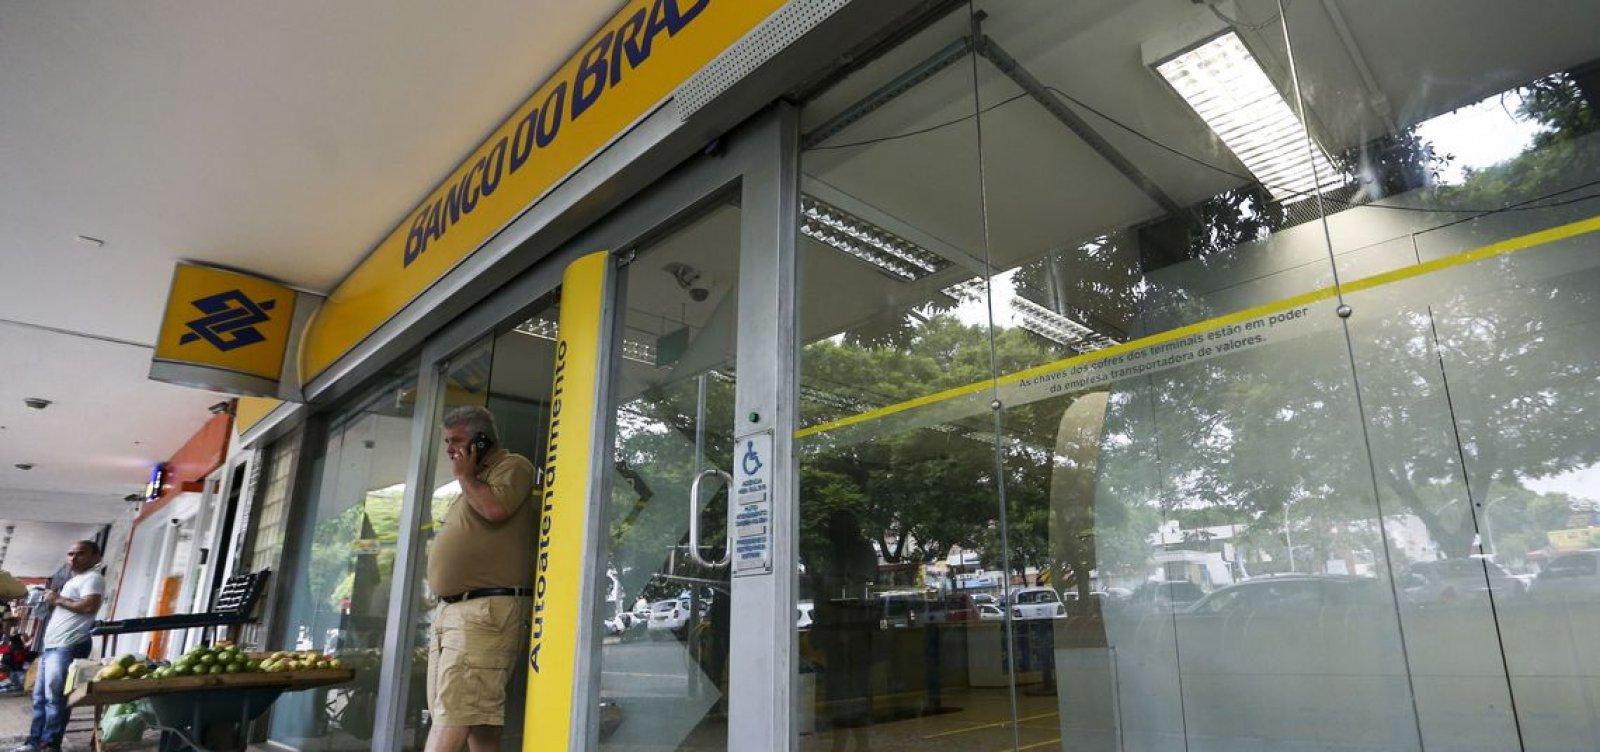 [Equipe de Paulo Guedes avalia privatização do Banco do Brasil, diz jornal]